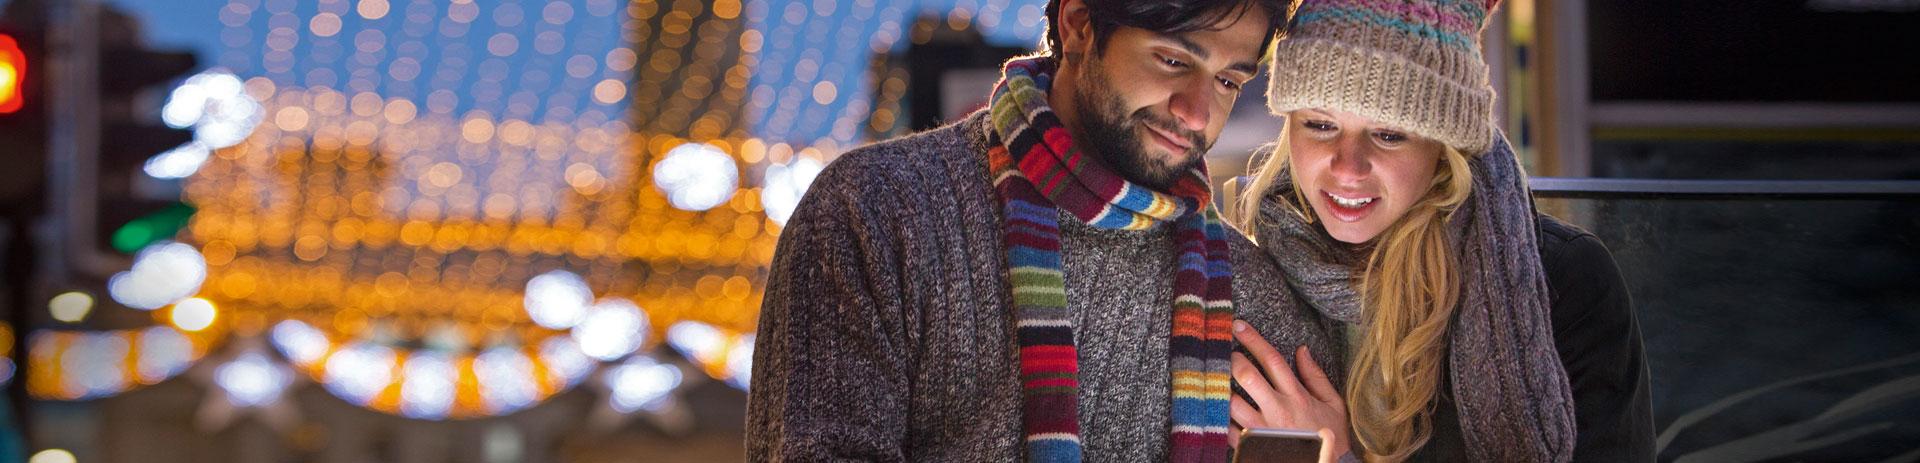 Ein Pärchen in weihnachtlicher Umgebung, das gemeinsam auf ein Handy blickt